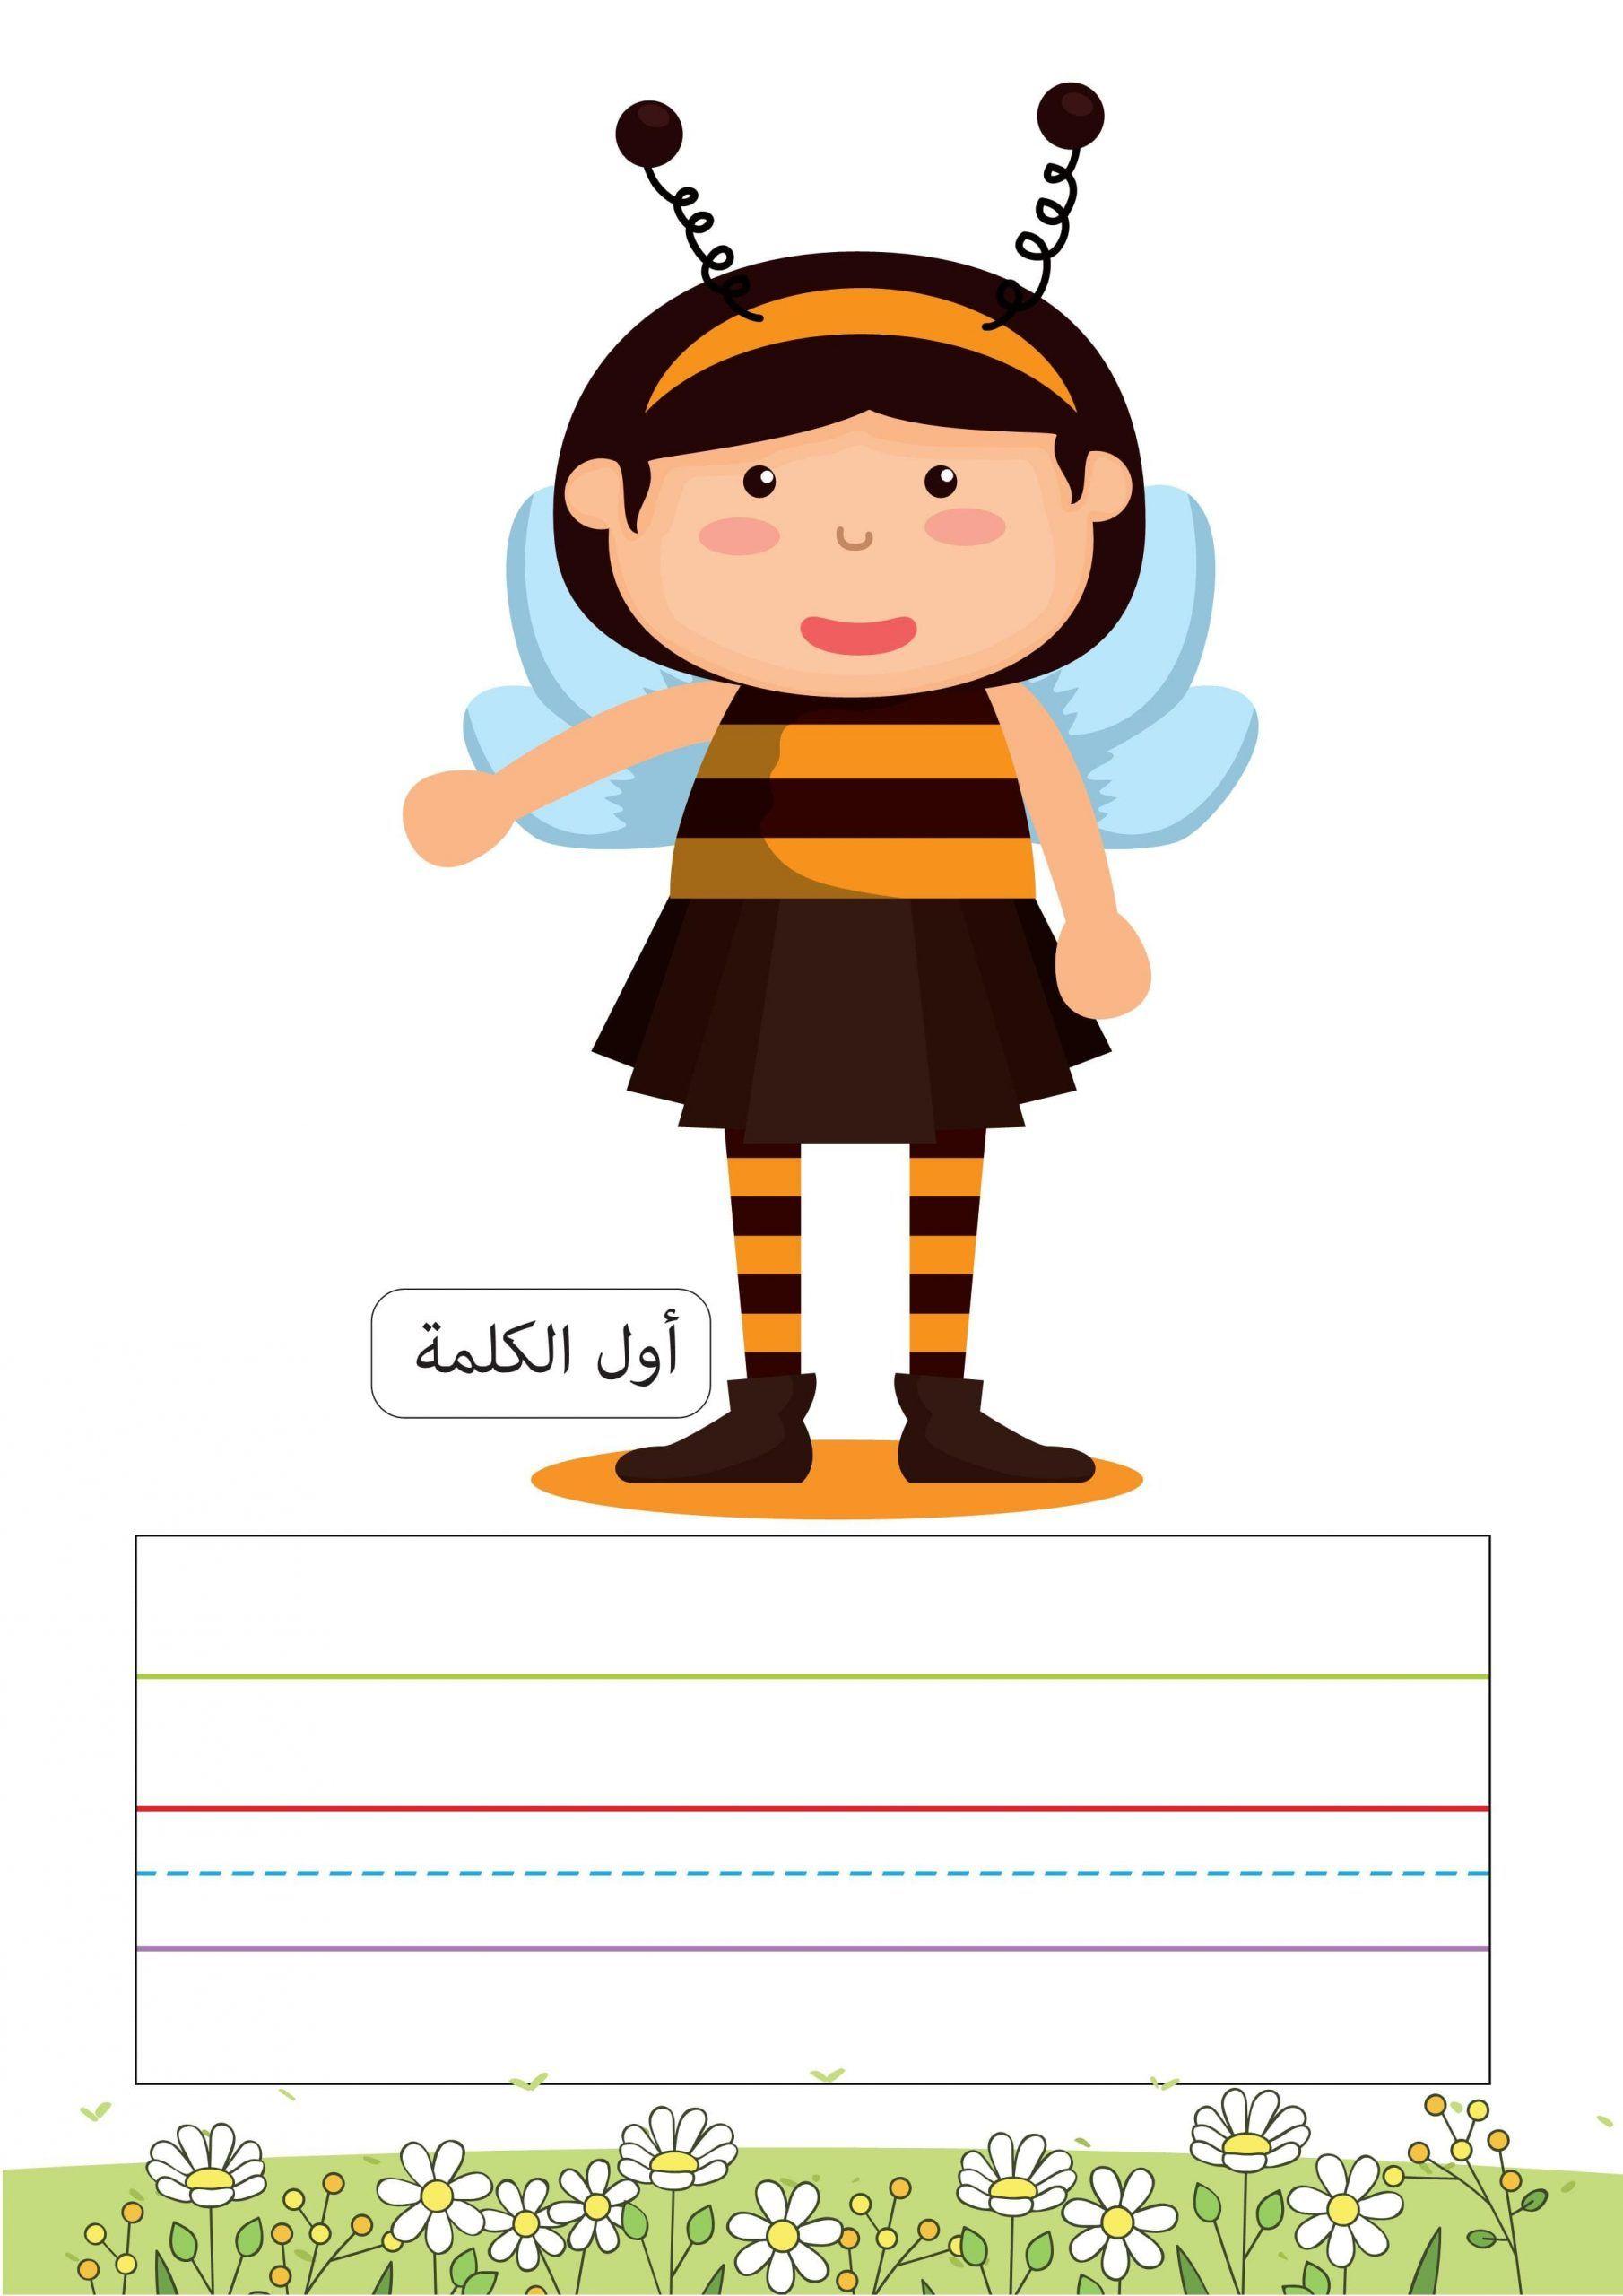 اوراق عمل لكتابة مواضع الحرف في الكلمة بتصاميم رائعة Kids Birthday Treats Birthday Treats Bullet Journal Aesthetic